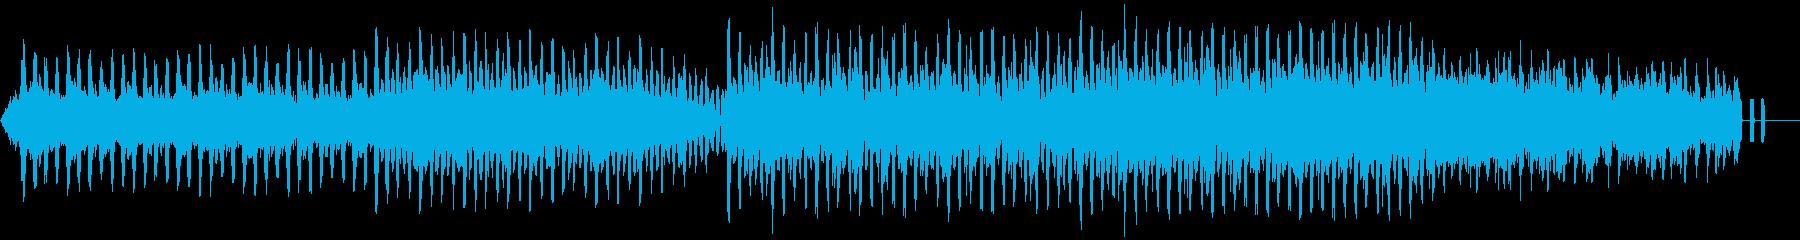 熱く切ないピアノが印象的のBGMの再生済みの波形